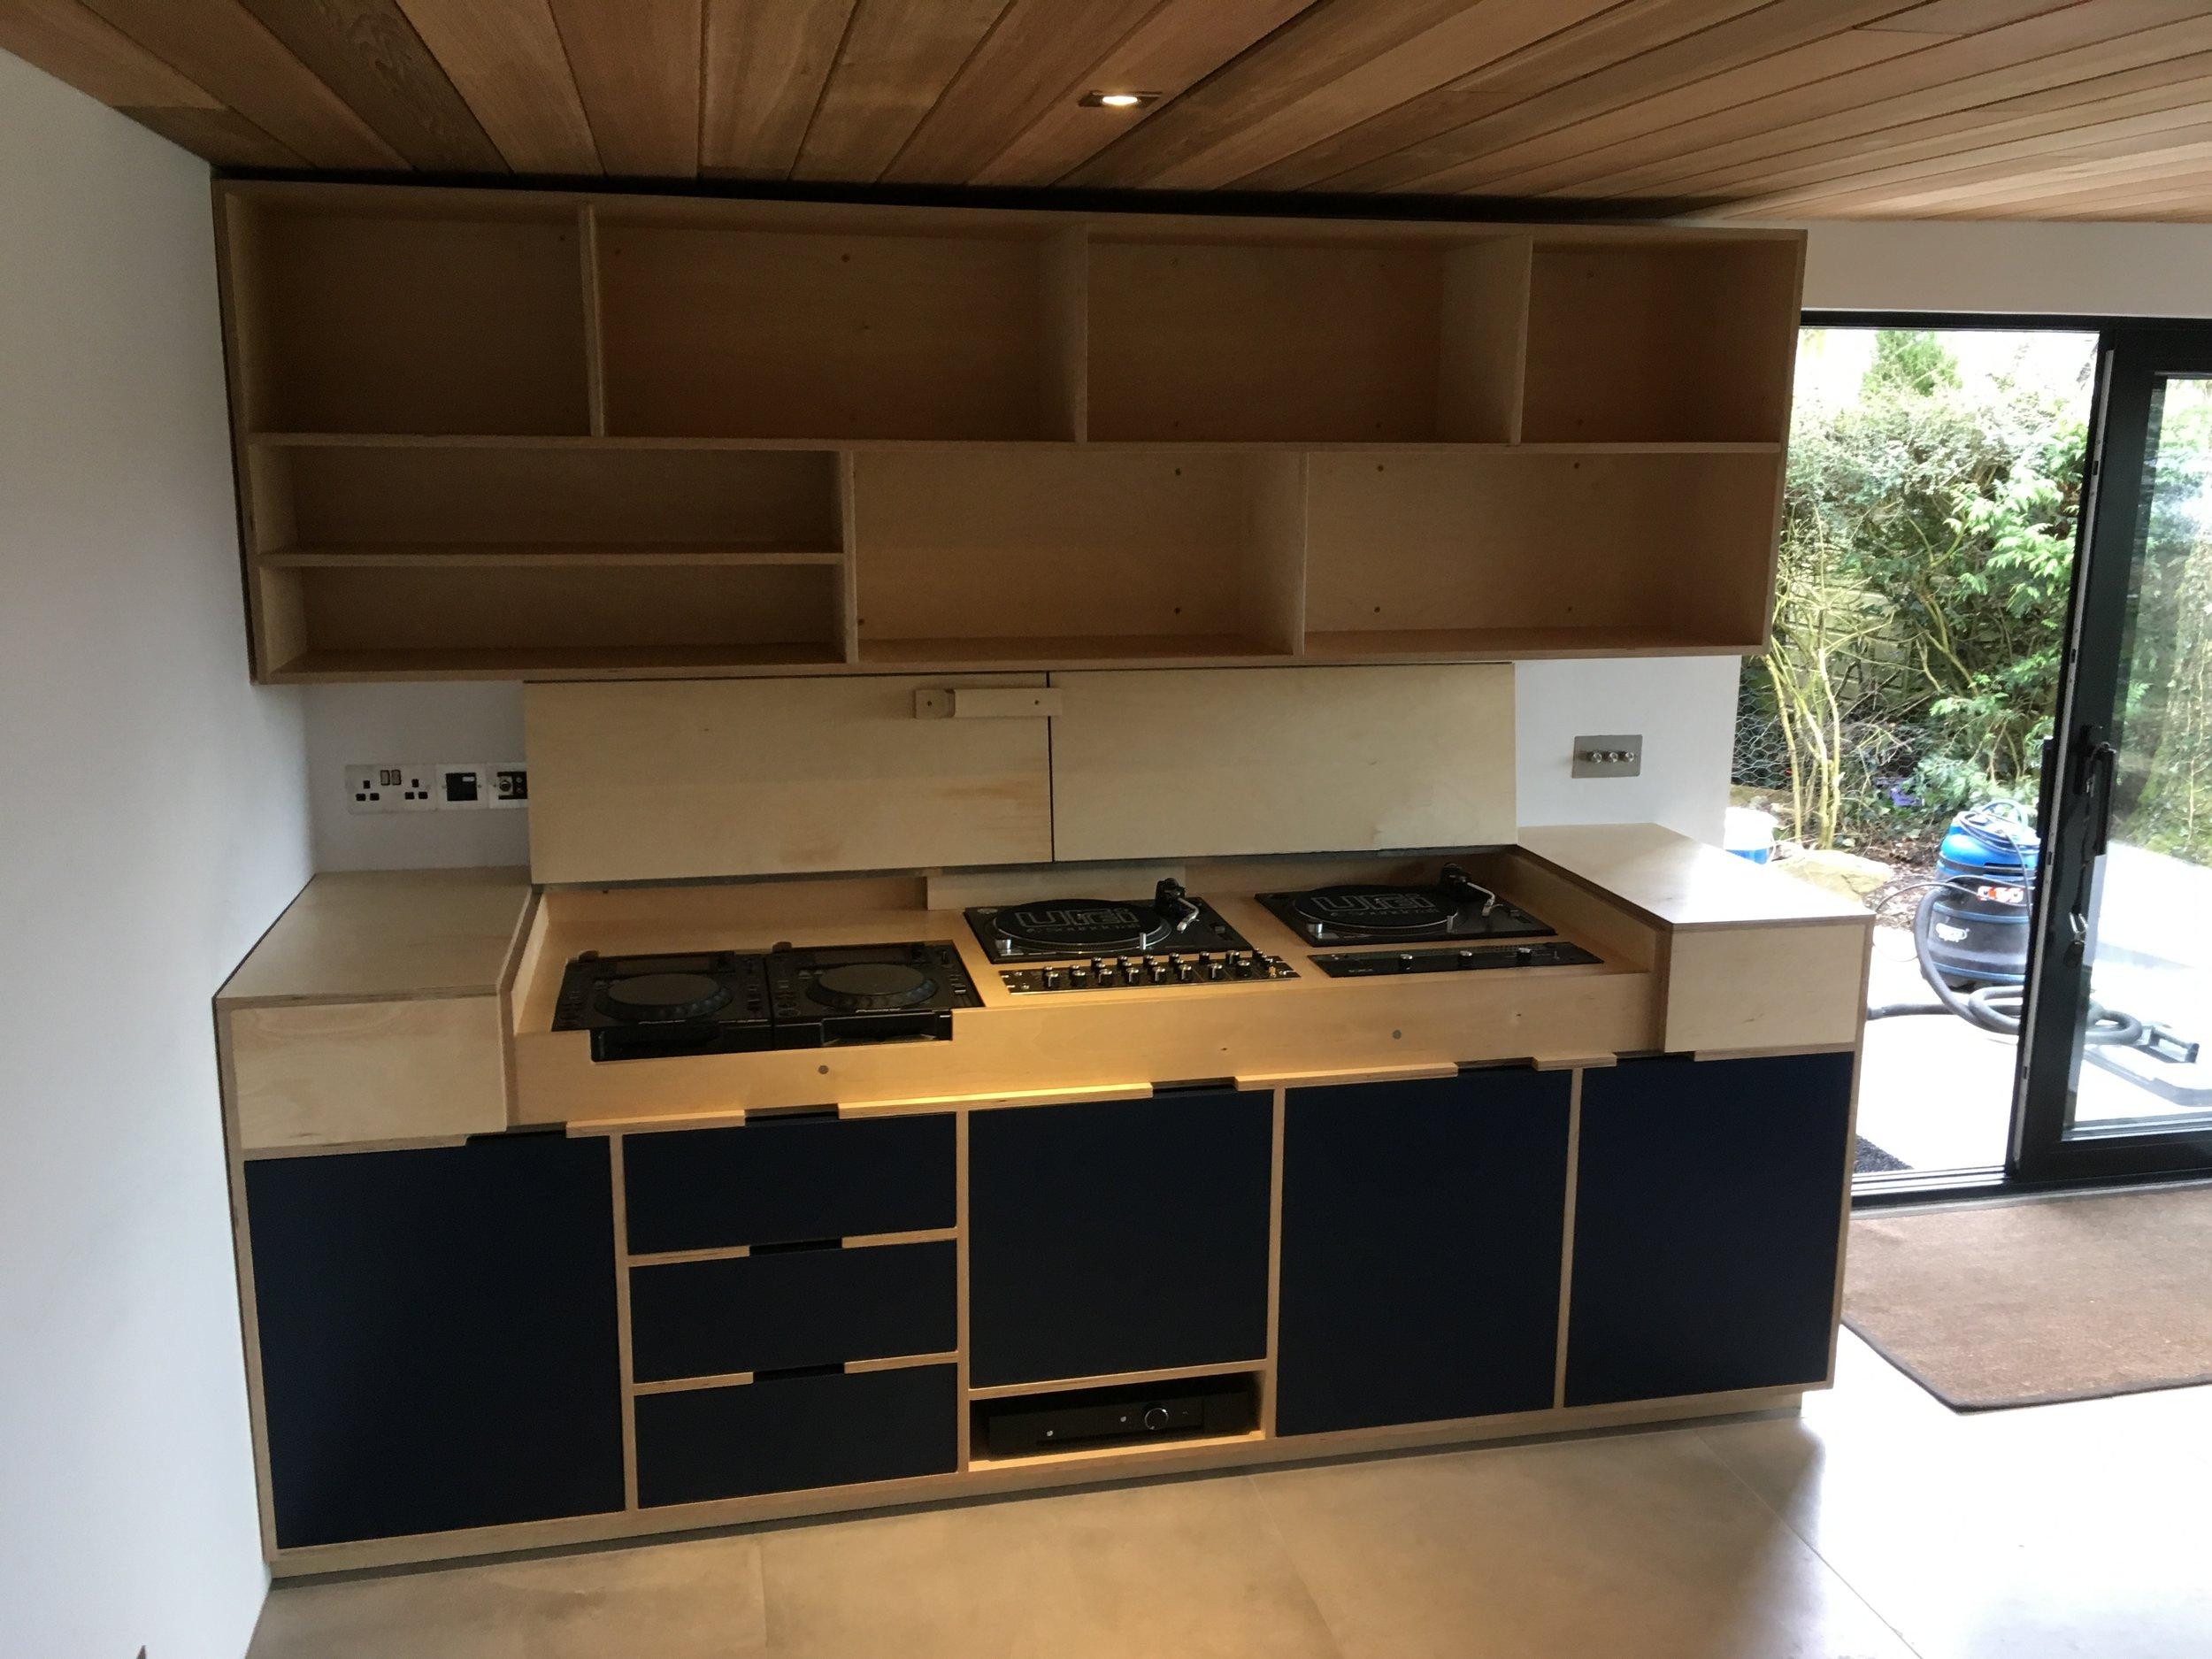 Bespoke Cabinet designed for DJ decks near Monmouth